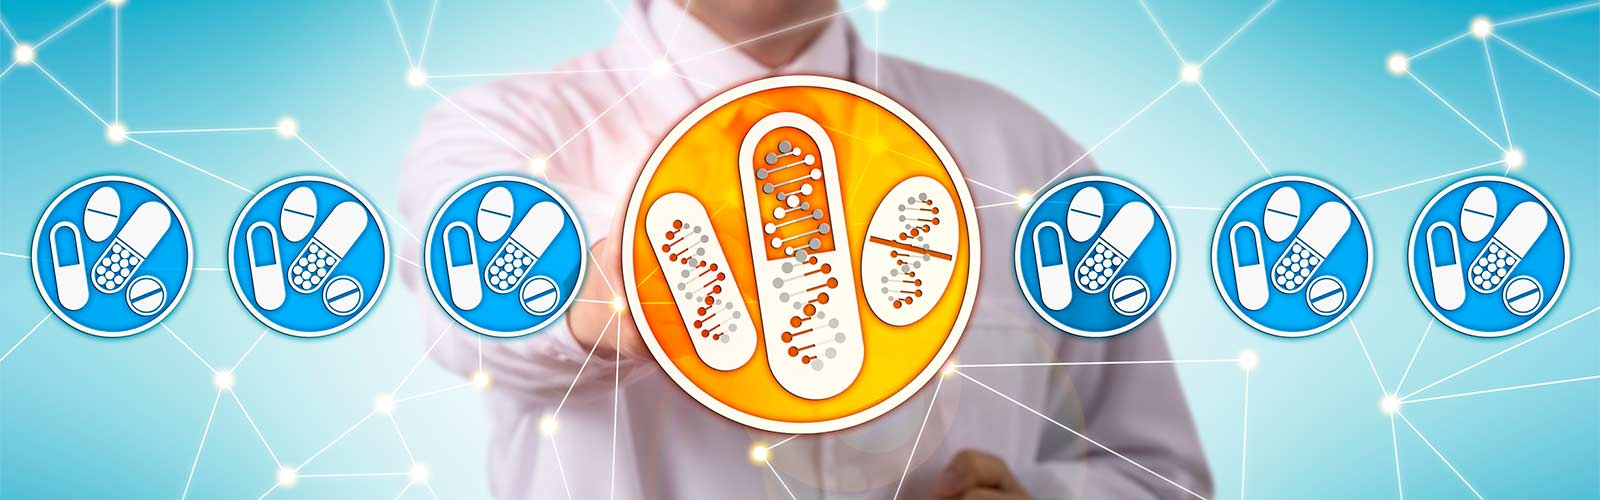 Nursing news genome